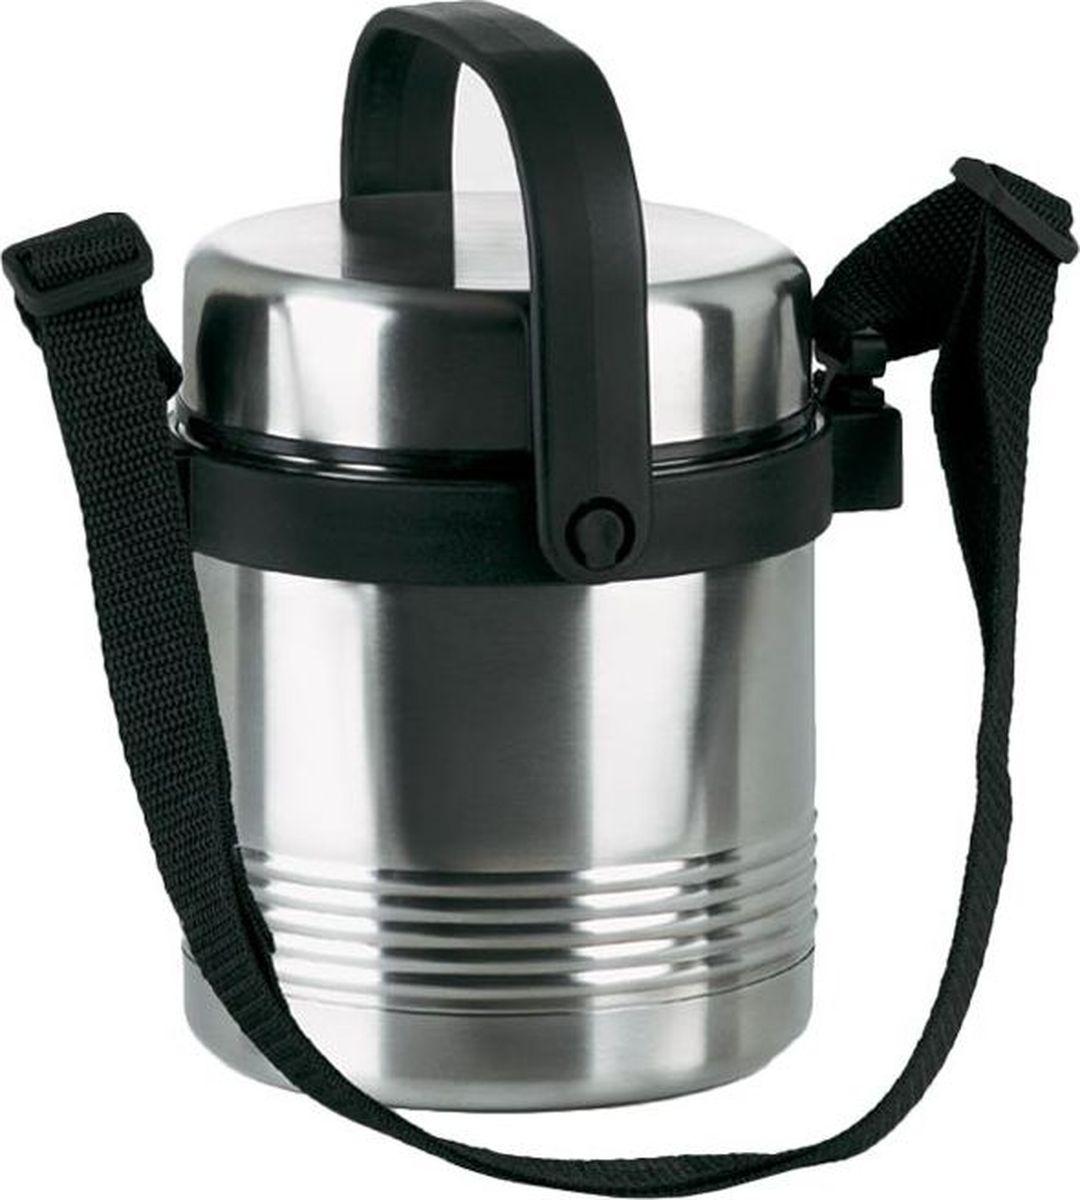 Термос Emsa Senator, цвет: серый, 1,4 л504207Термос для еды Emsa Senator изготовлен из высококачественной стали, и оснащен двустенной вакуумной колбой из нержавеющей стали. Внутри термоса два встроенных отделения для еды. Плотно закручивающаяся крышка 100% герметична.